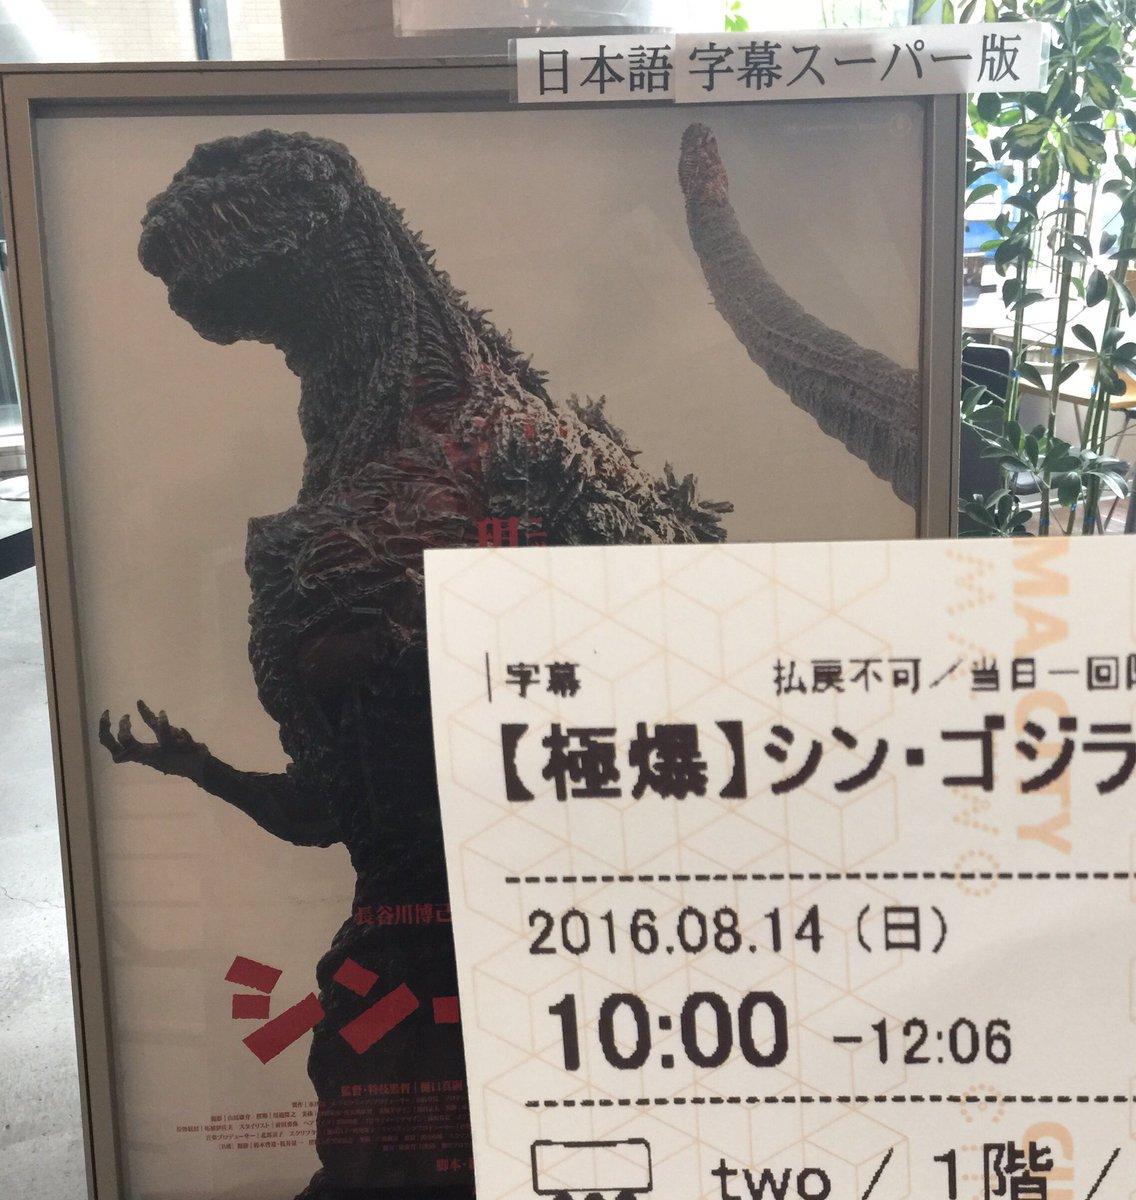 昨日から始まった「シン・ゴジラ」立川爆音・日本語字幕スーパー版。本作のセリフからくる多大な情報や、セリフだけでは確認しづらい意外な情報も目視確認できるので、難聴者の方々だけでなく、リピーターにもオススメです。#シン・ゴジラ https://t.co/juy4WcxwgZ